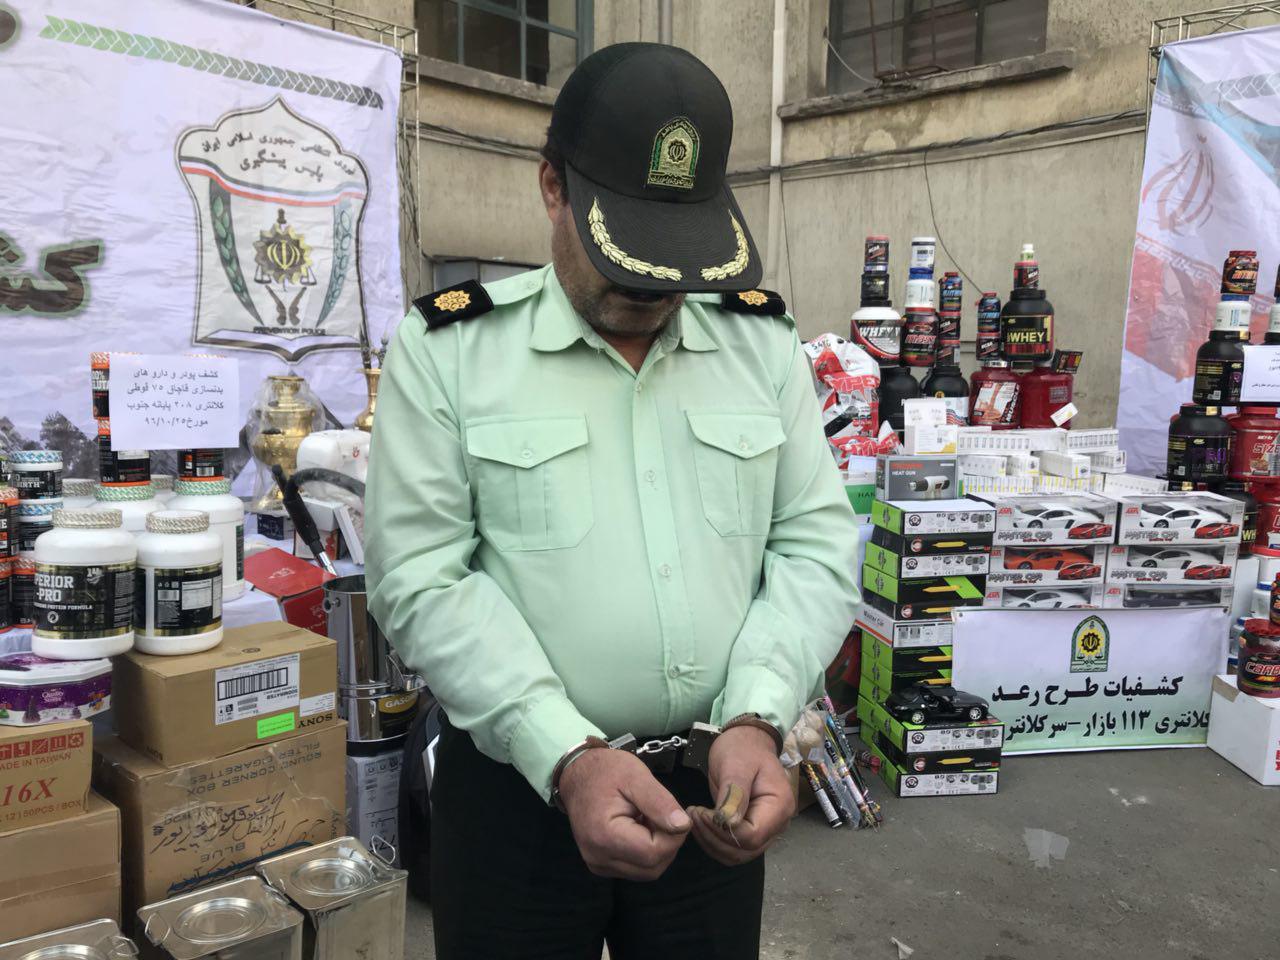 دستگیری سارقان و متلاشی کردن ٤٣ باند سرقت/ طرح ترافیک جدید 100 درصد تغییر میکند+ عکس